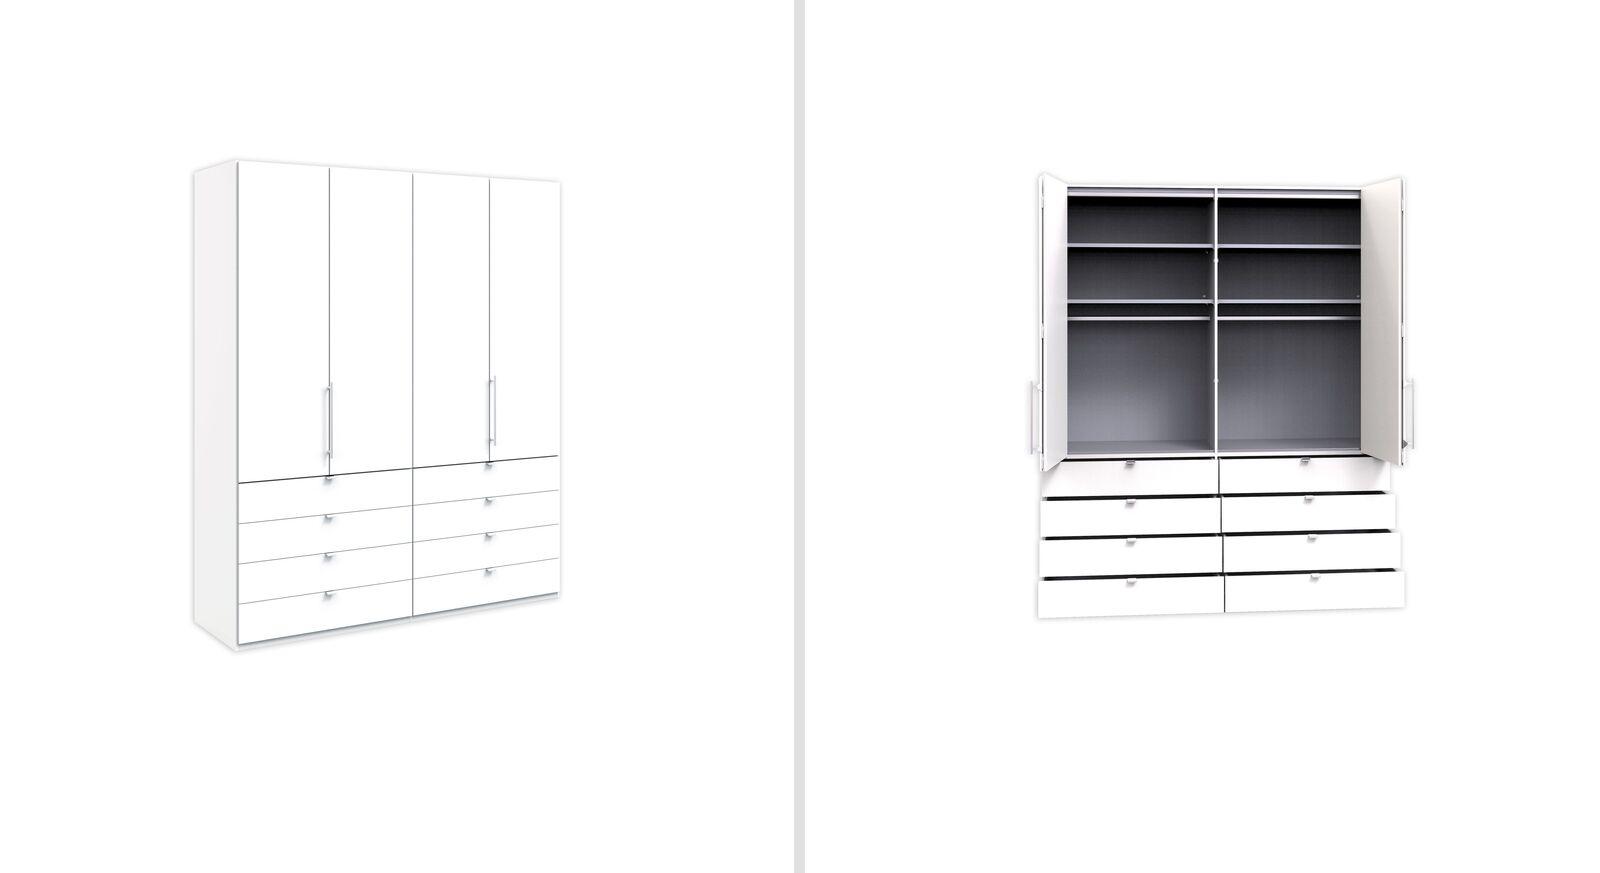 Funktions-Kleiderschrank Salford 200 cm mit Auszügen links und rechts